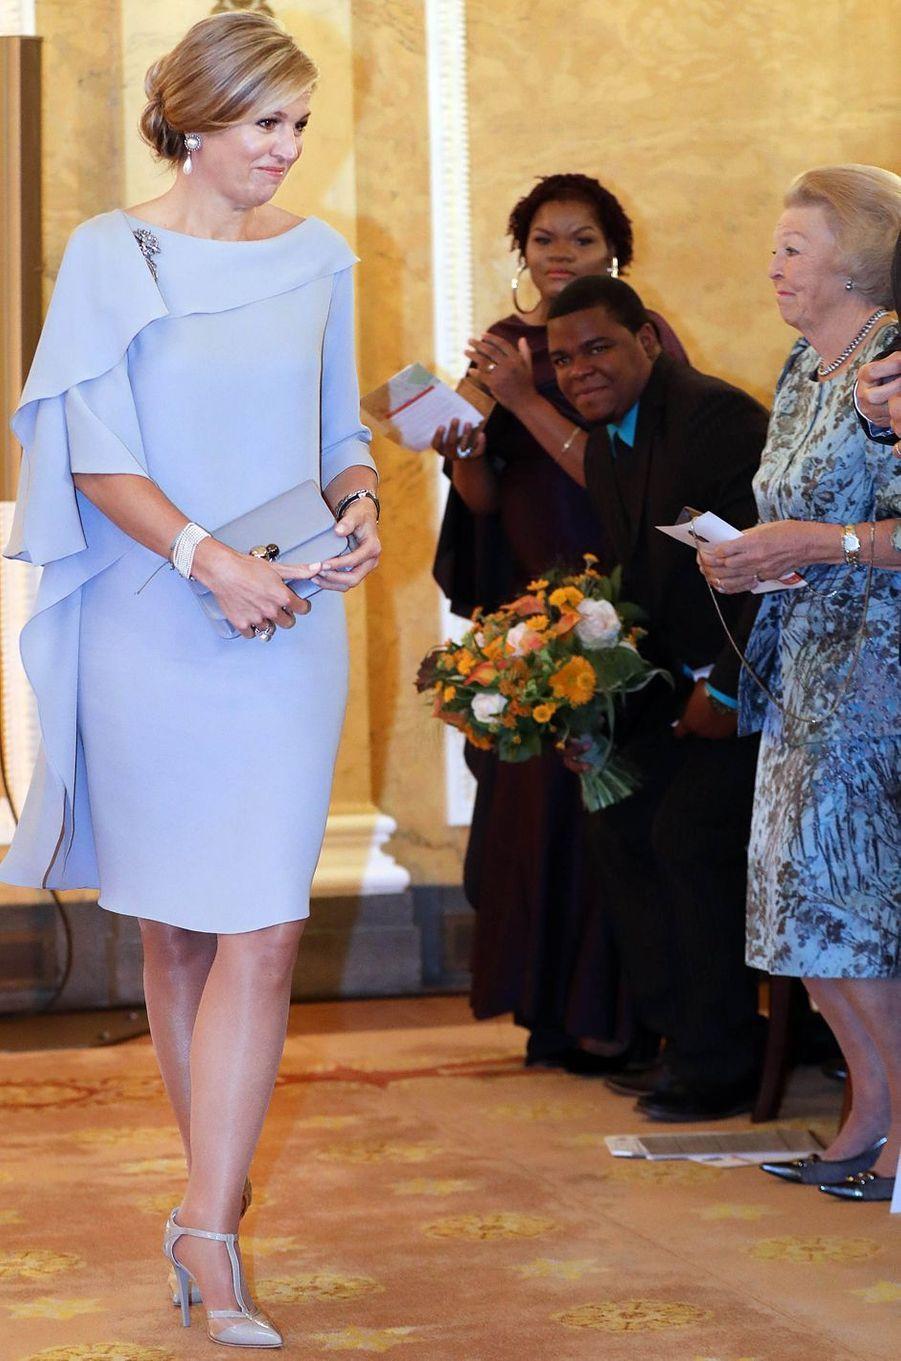 La reine Maxima et la princesse Beatrix des Pays-Bas, dans des looks assortis, à La Haye le 6 juin 2018